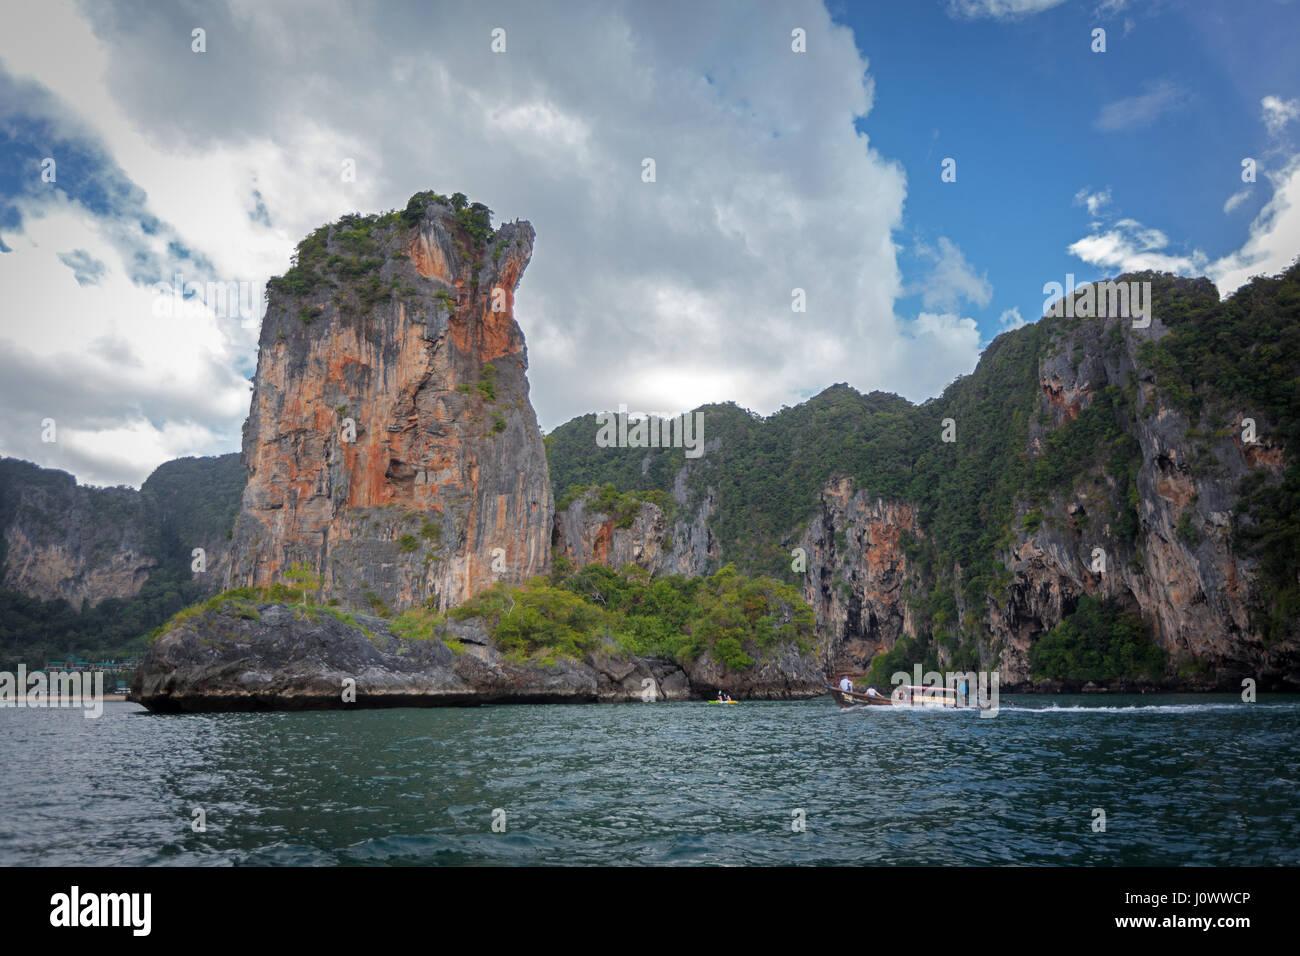 """Un bateau """"long tail est de retourner à Ao Nang de Railay Beach, province de Krabi, Thaïlande, Asie Photo Stock"""